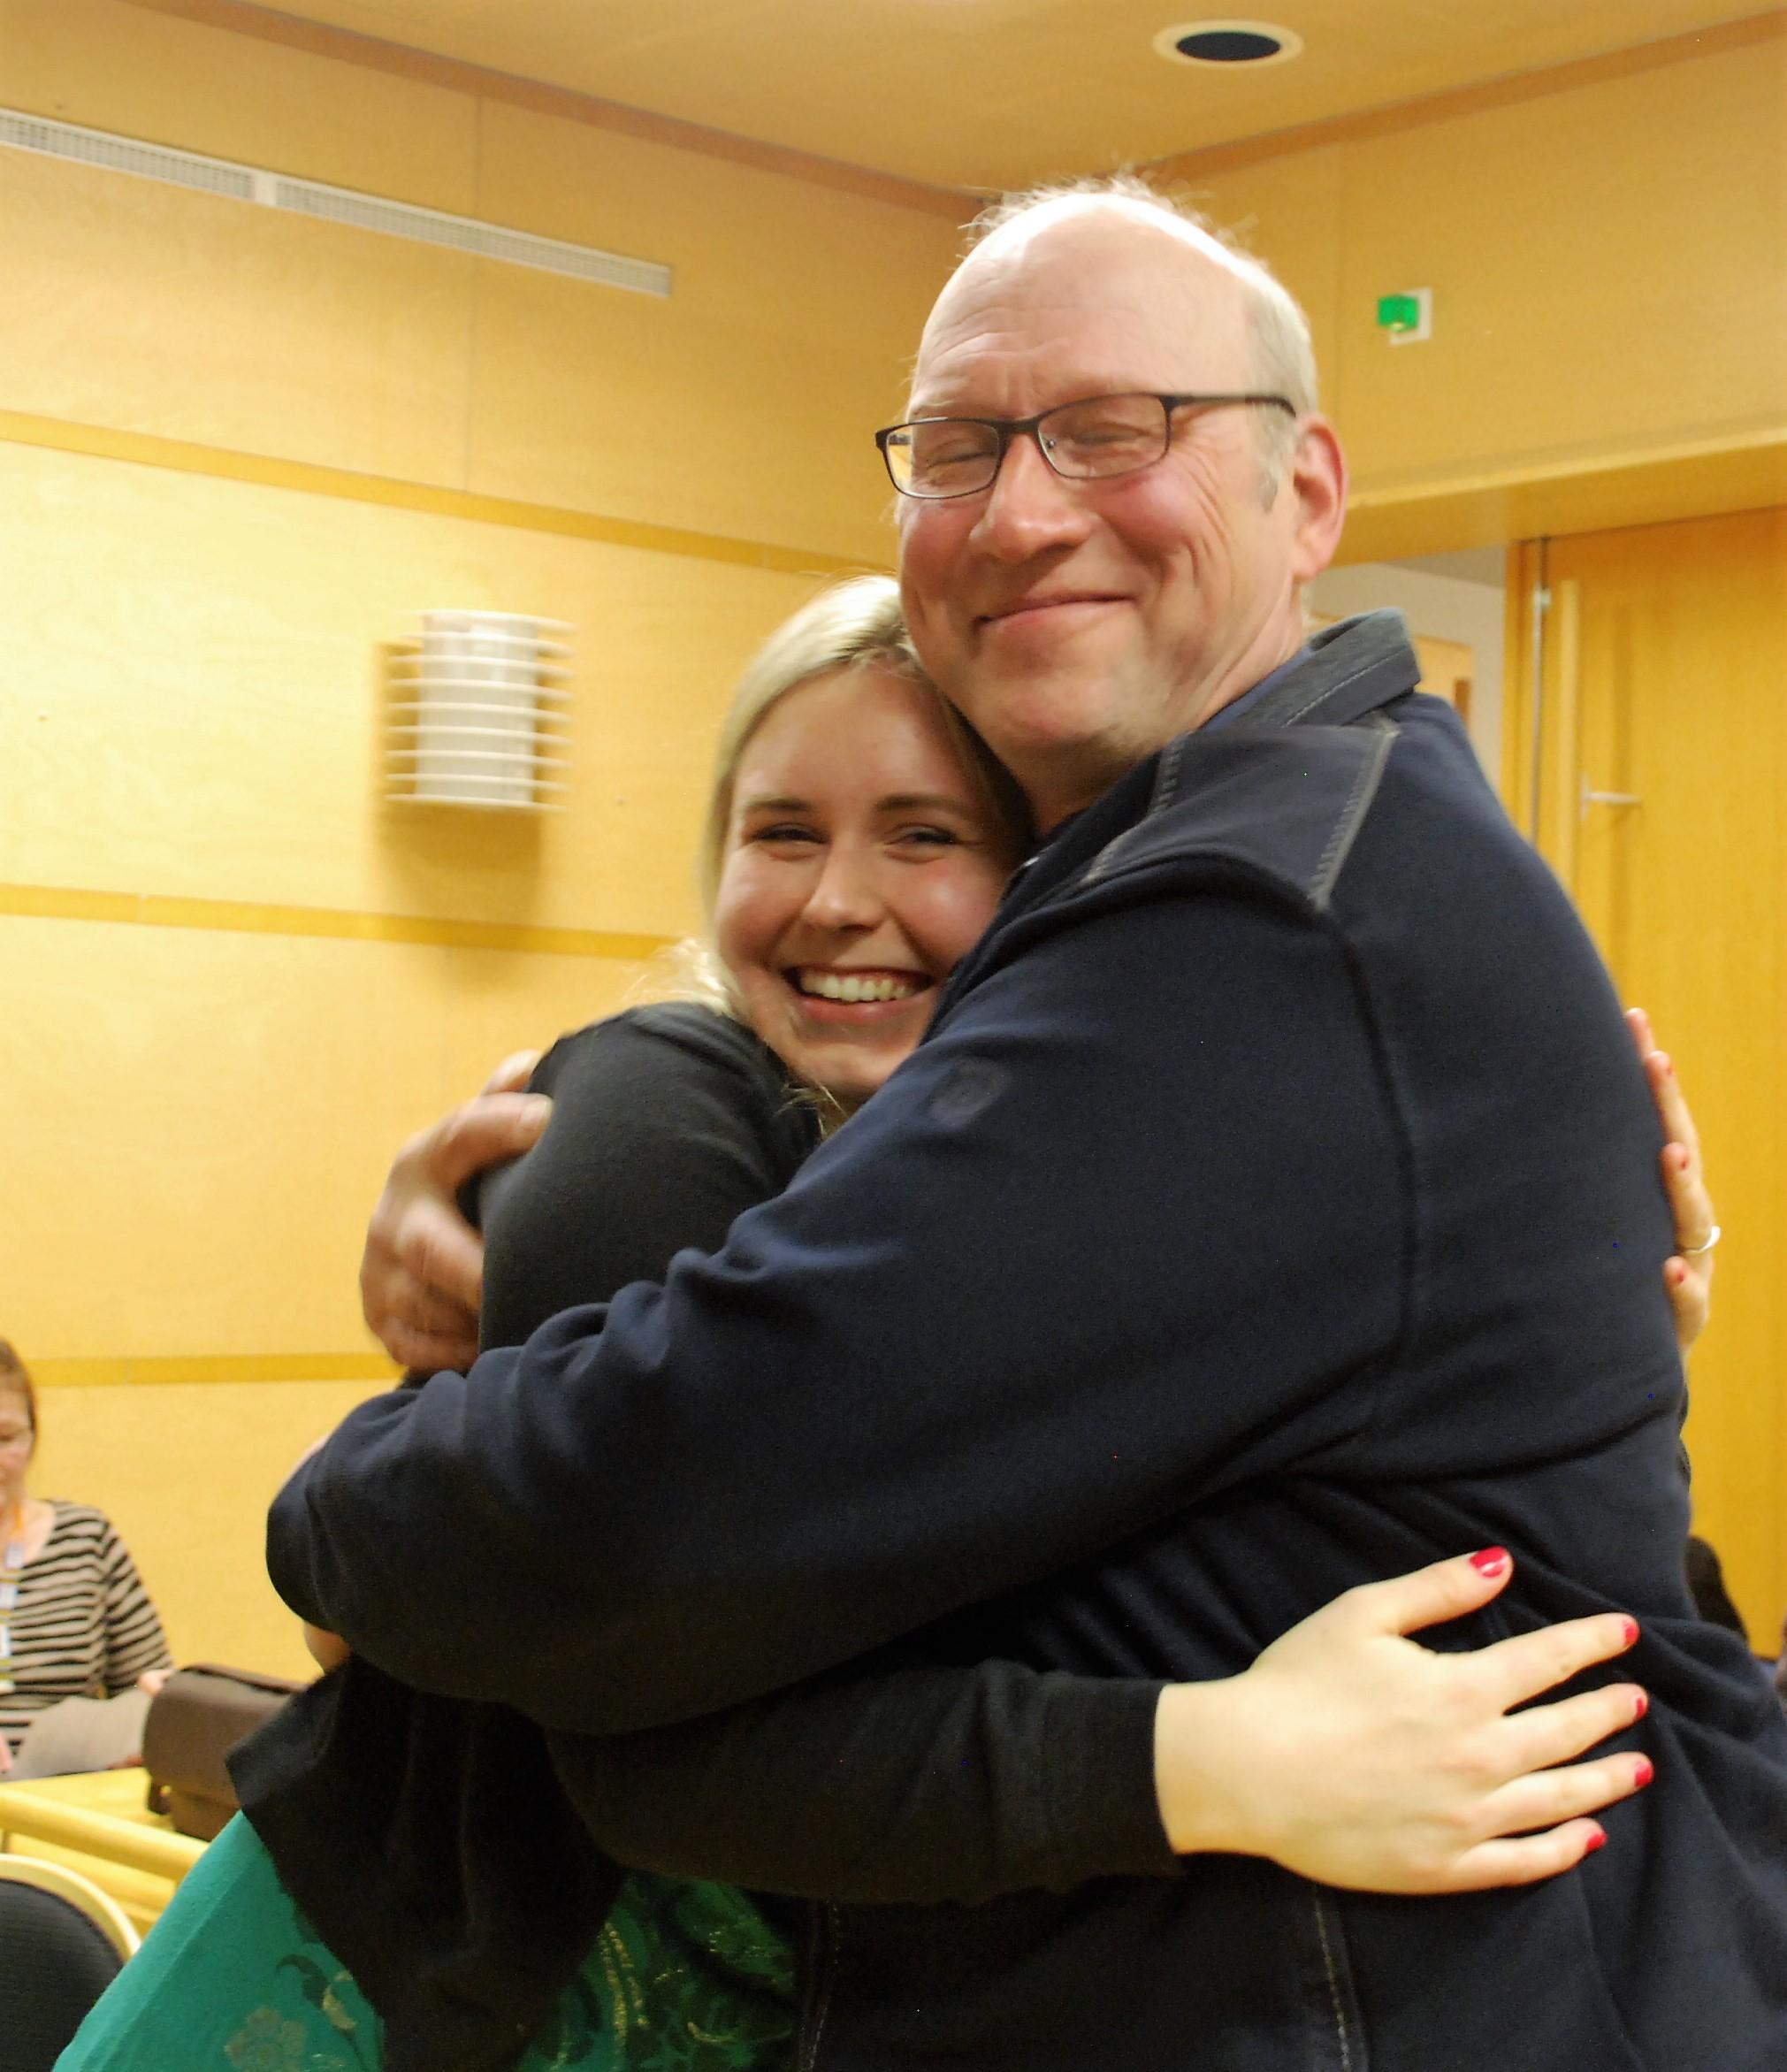 Rääkkylän seuraavan valtuuston nuorin päättäjä Ona Halonen sai onnitteluhalauksen apeltaan Urho Makkoselta. Kuva: Päivi Lievonen